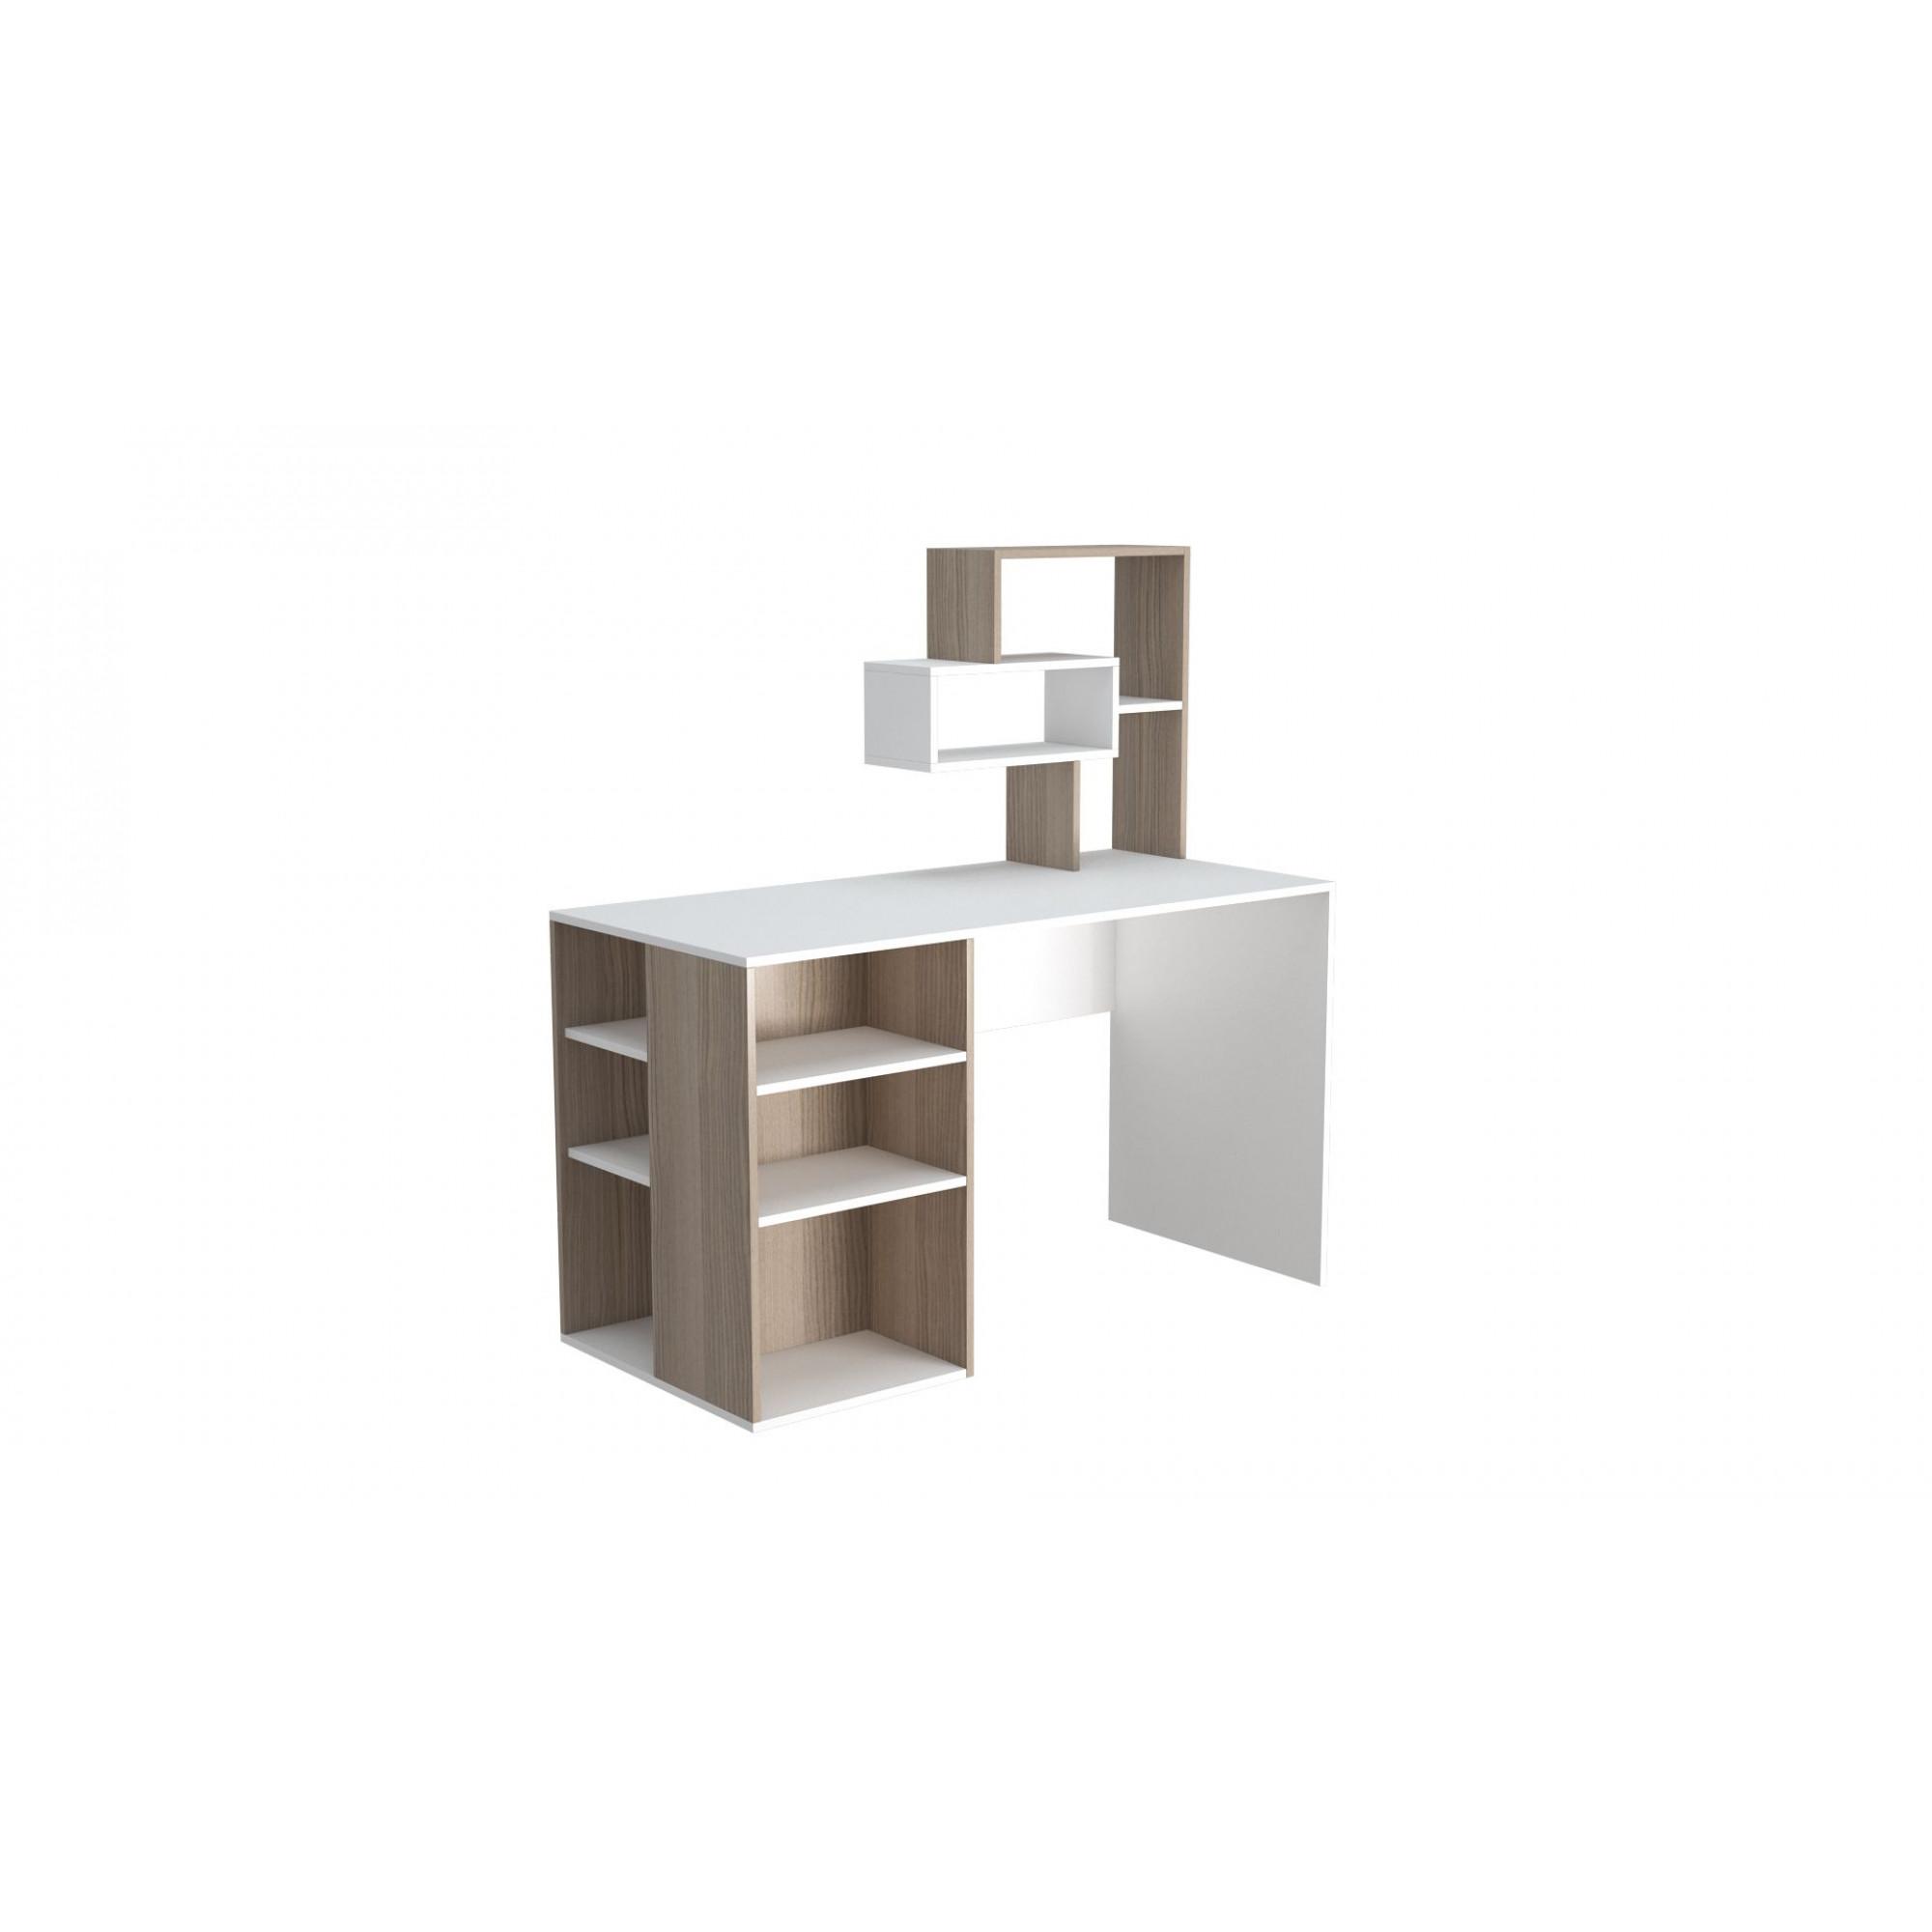 Schreibtisch Esmes | Weiß & Cordoba